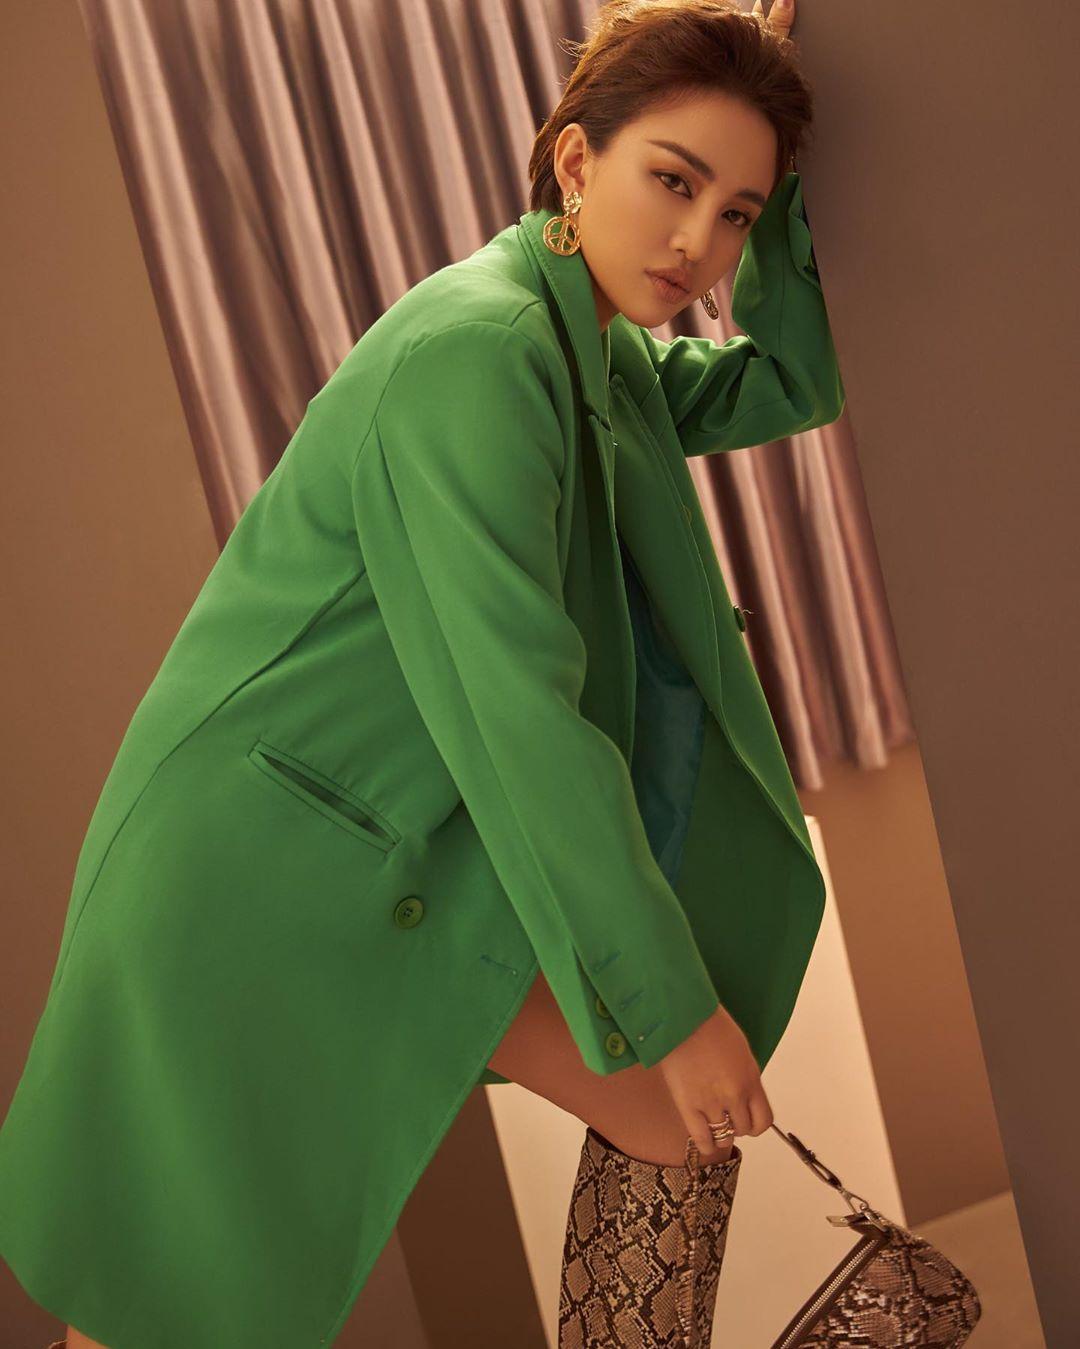 xu hướng thời trang 2019 - yumi thiên nga